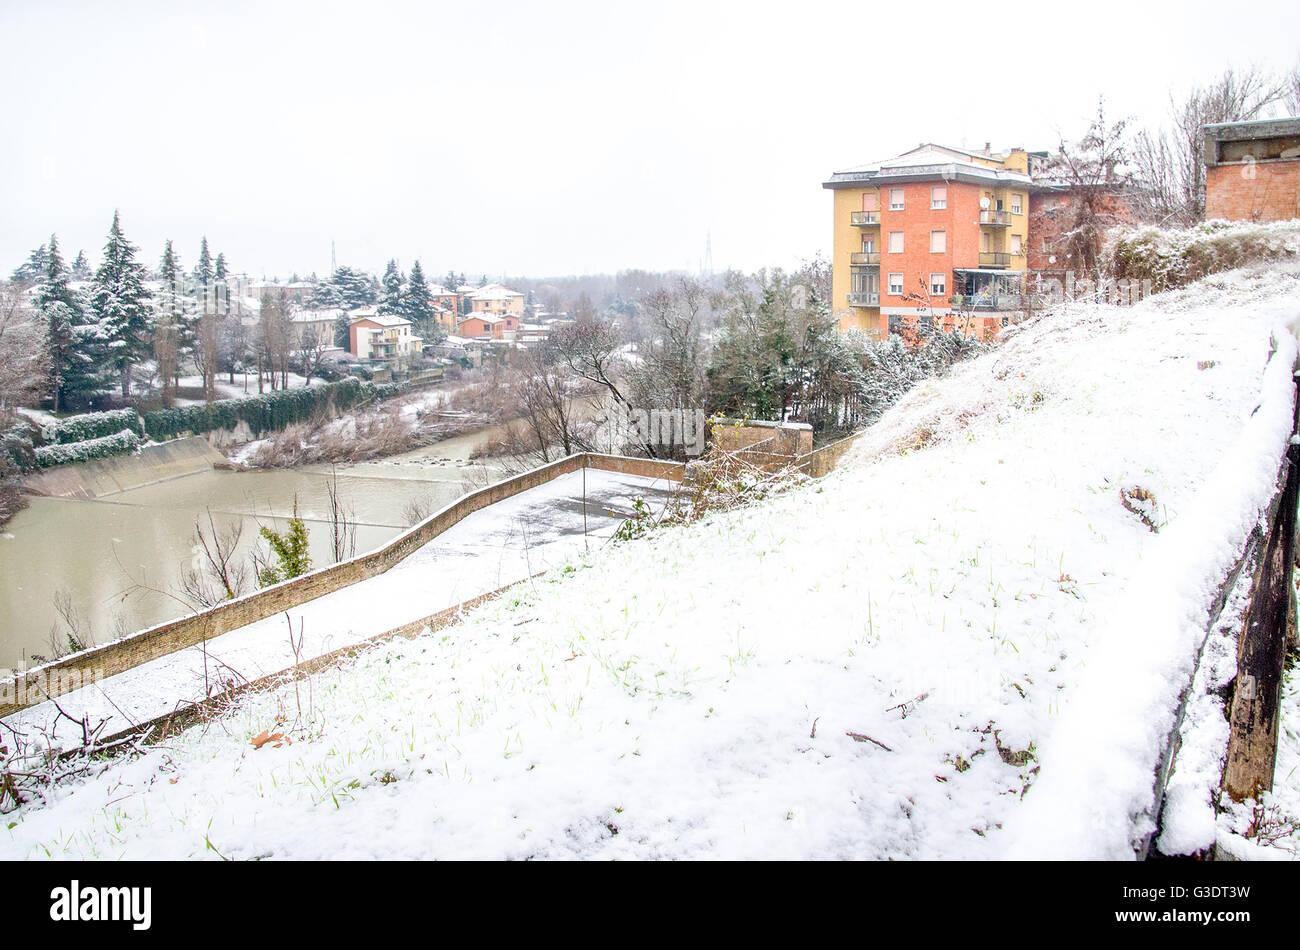 Bologna, Italia, 28 Dicembre 2014 - Vista del fiume Reno dalla pista ciclabile di Casalecchio durante una nevicata Immagini Stock